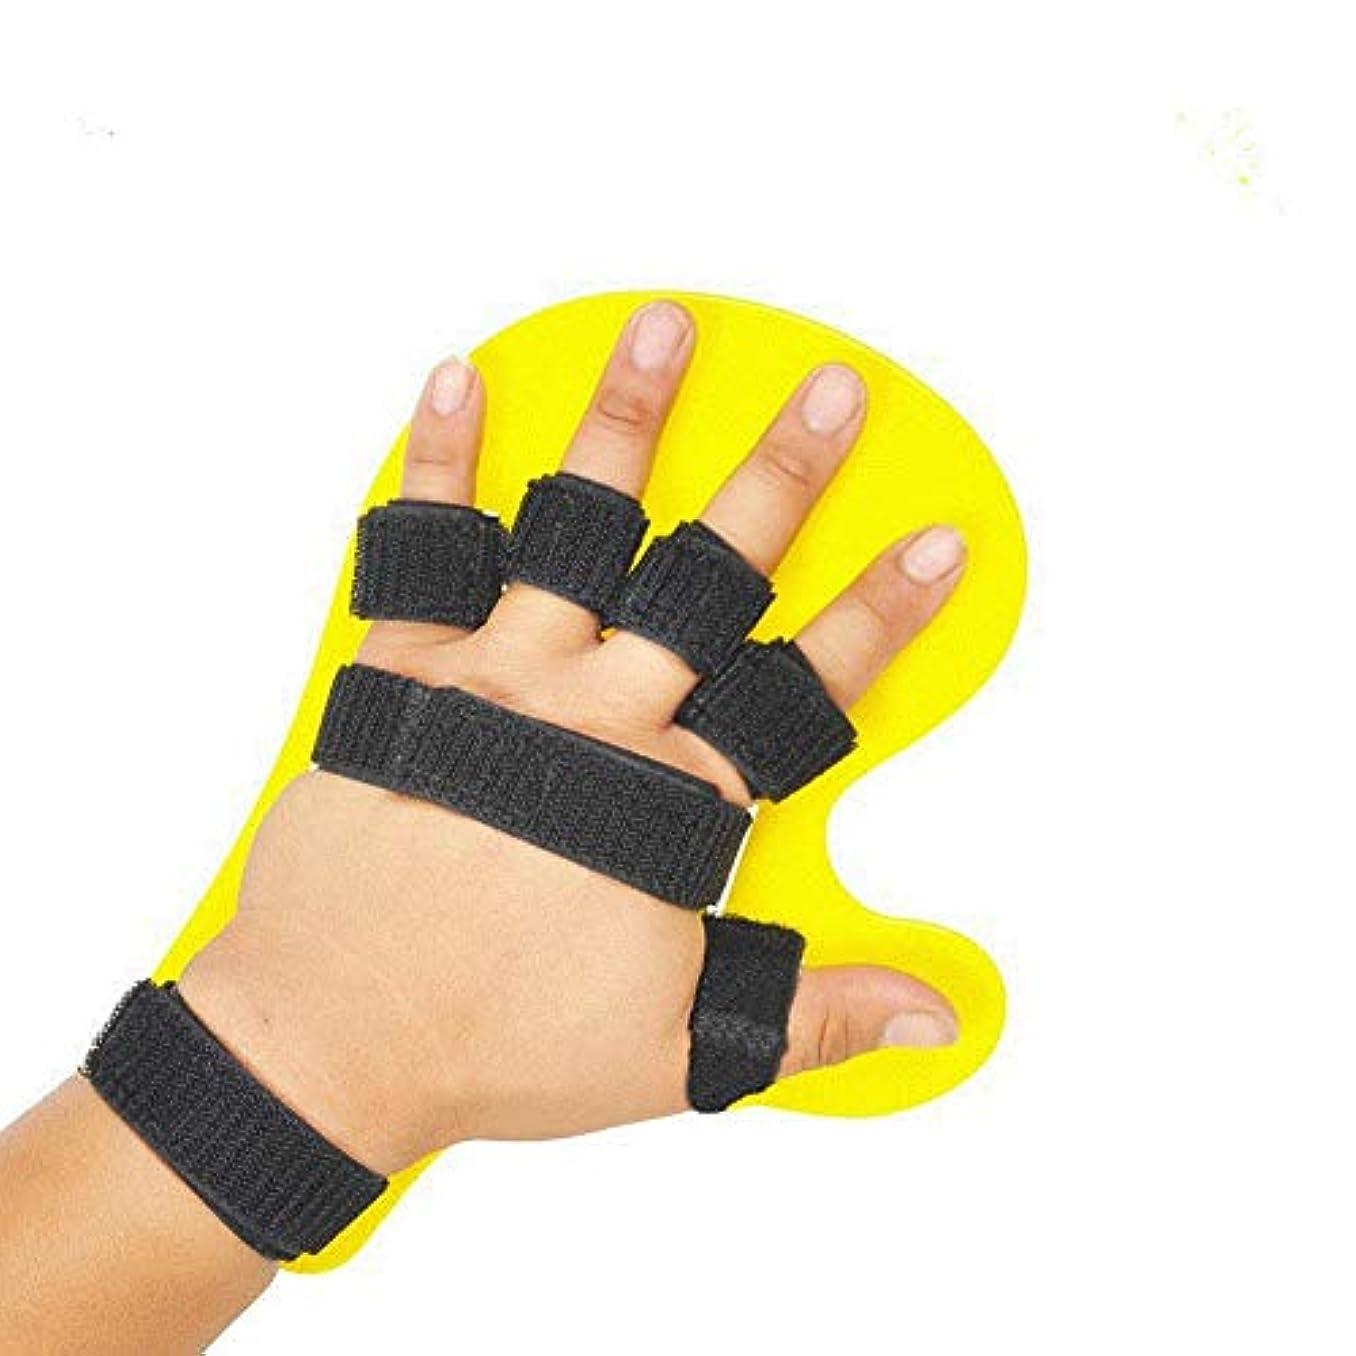 収まる身元談話調節可能な 成人指板は、筋萎縮を防止します指セパレーター(黄色)